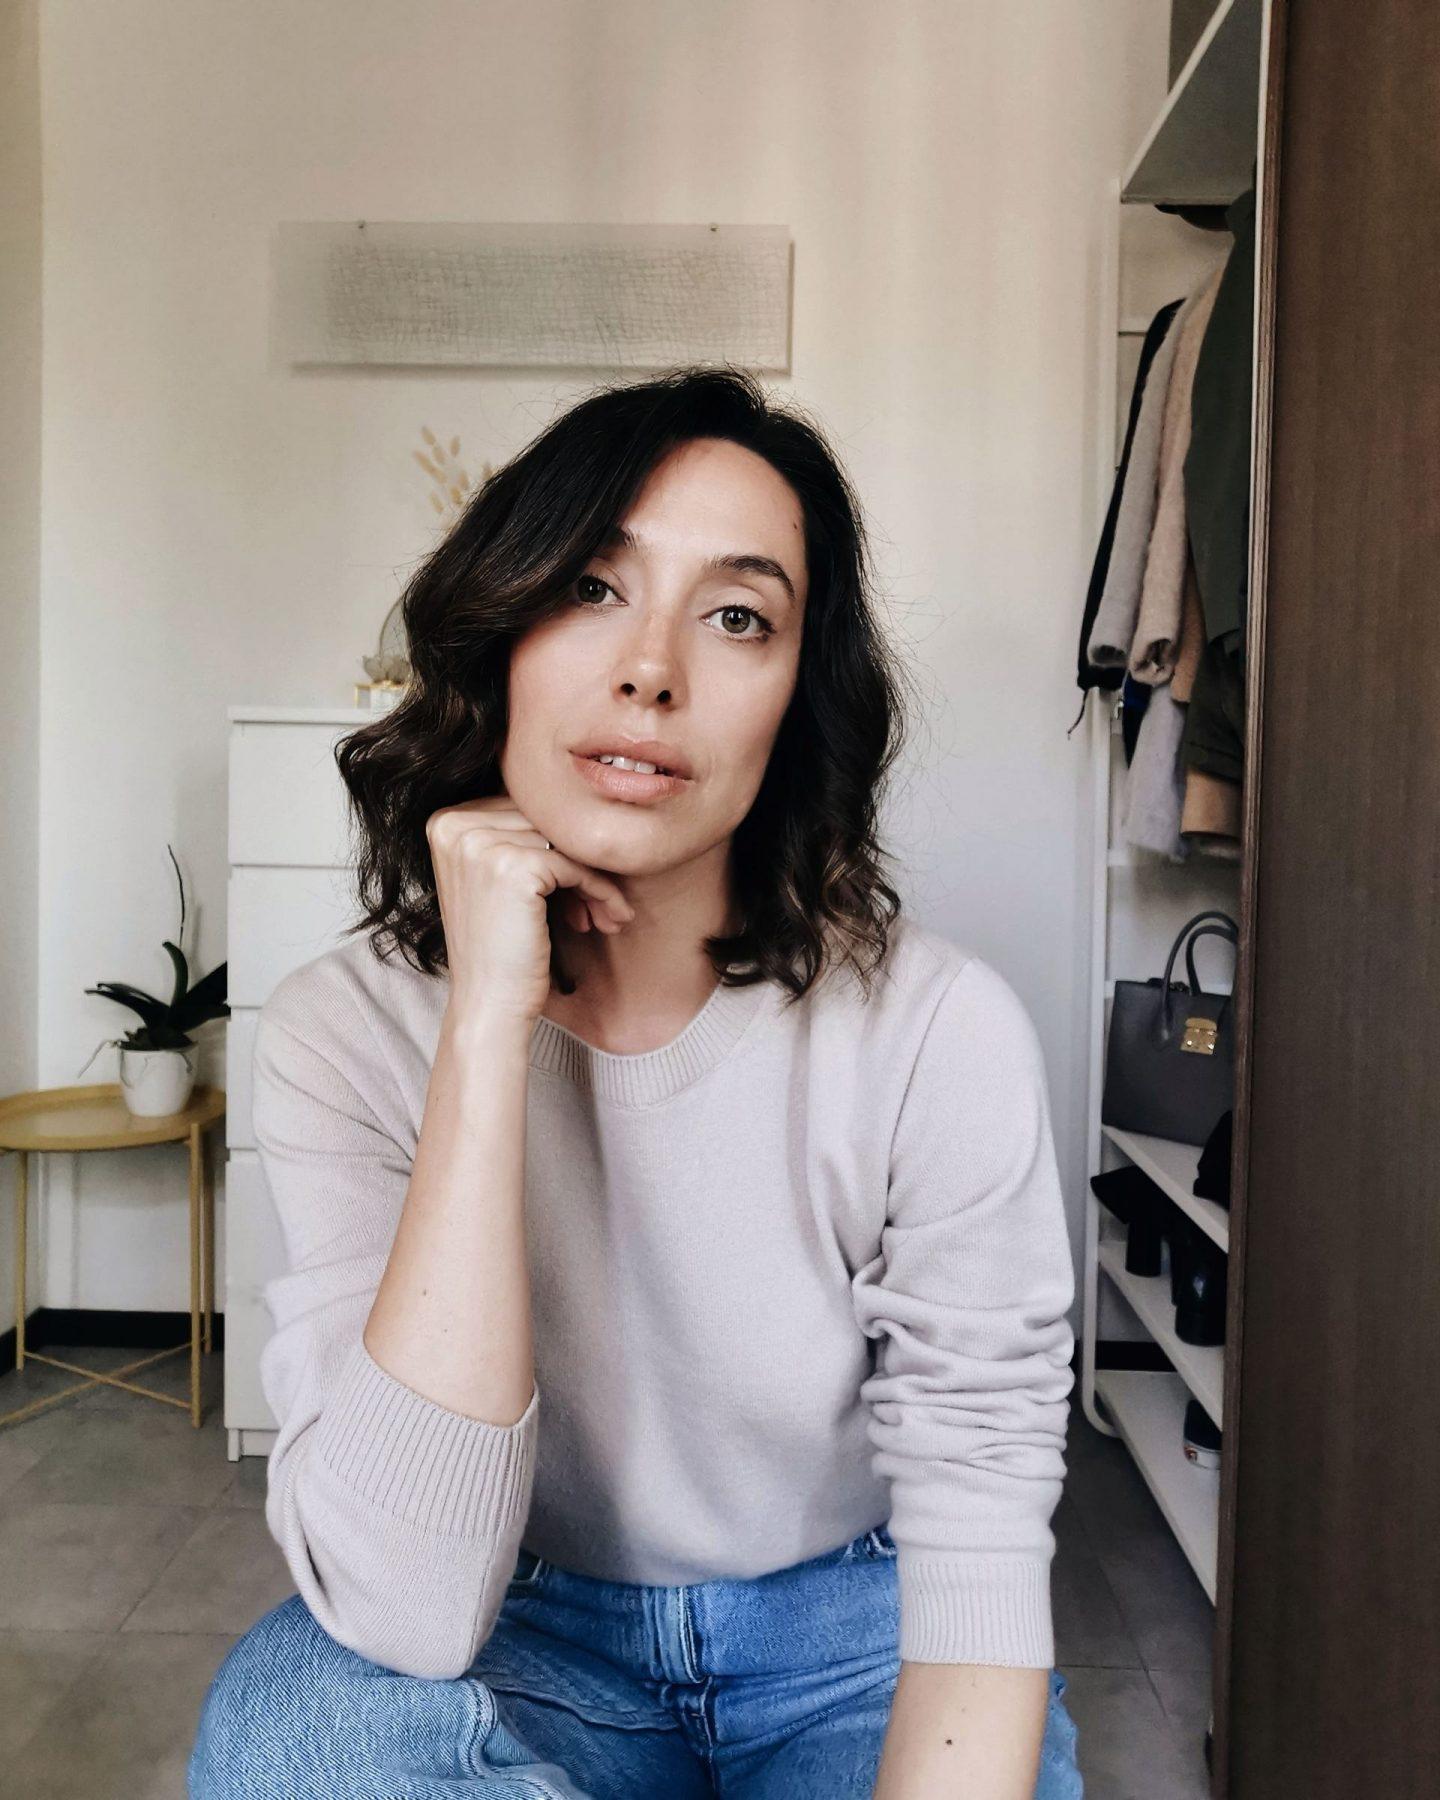 Ginnastica Facciale di Lisa Campolunghi